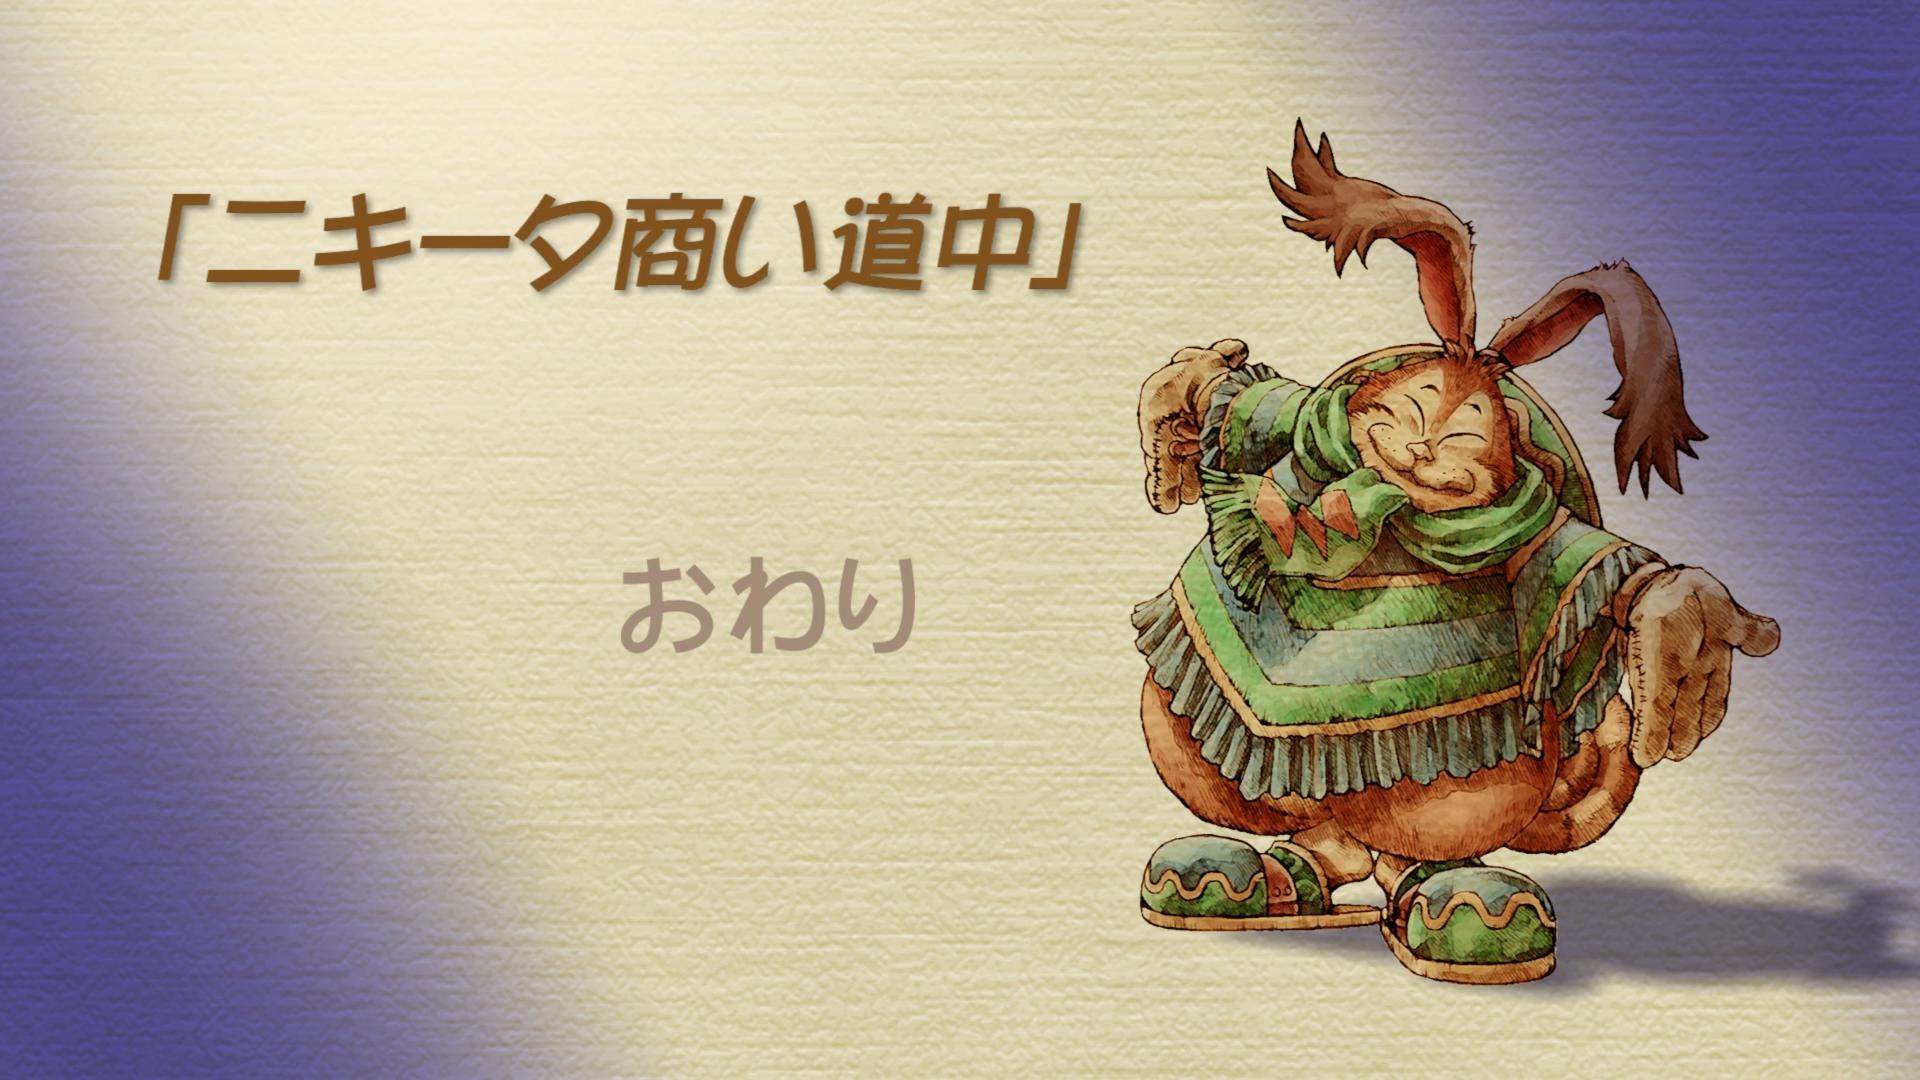 Legend-of-Mana-Remaster-11.jpg?ssl=1